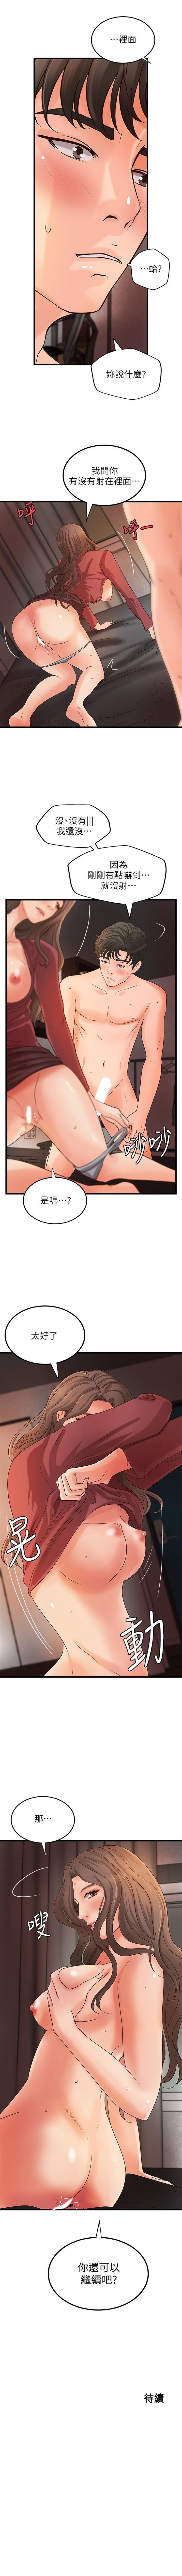 御姐的實戰教學 1-24 官方中文(連載中) 155